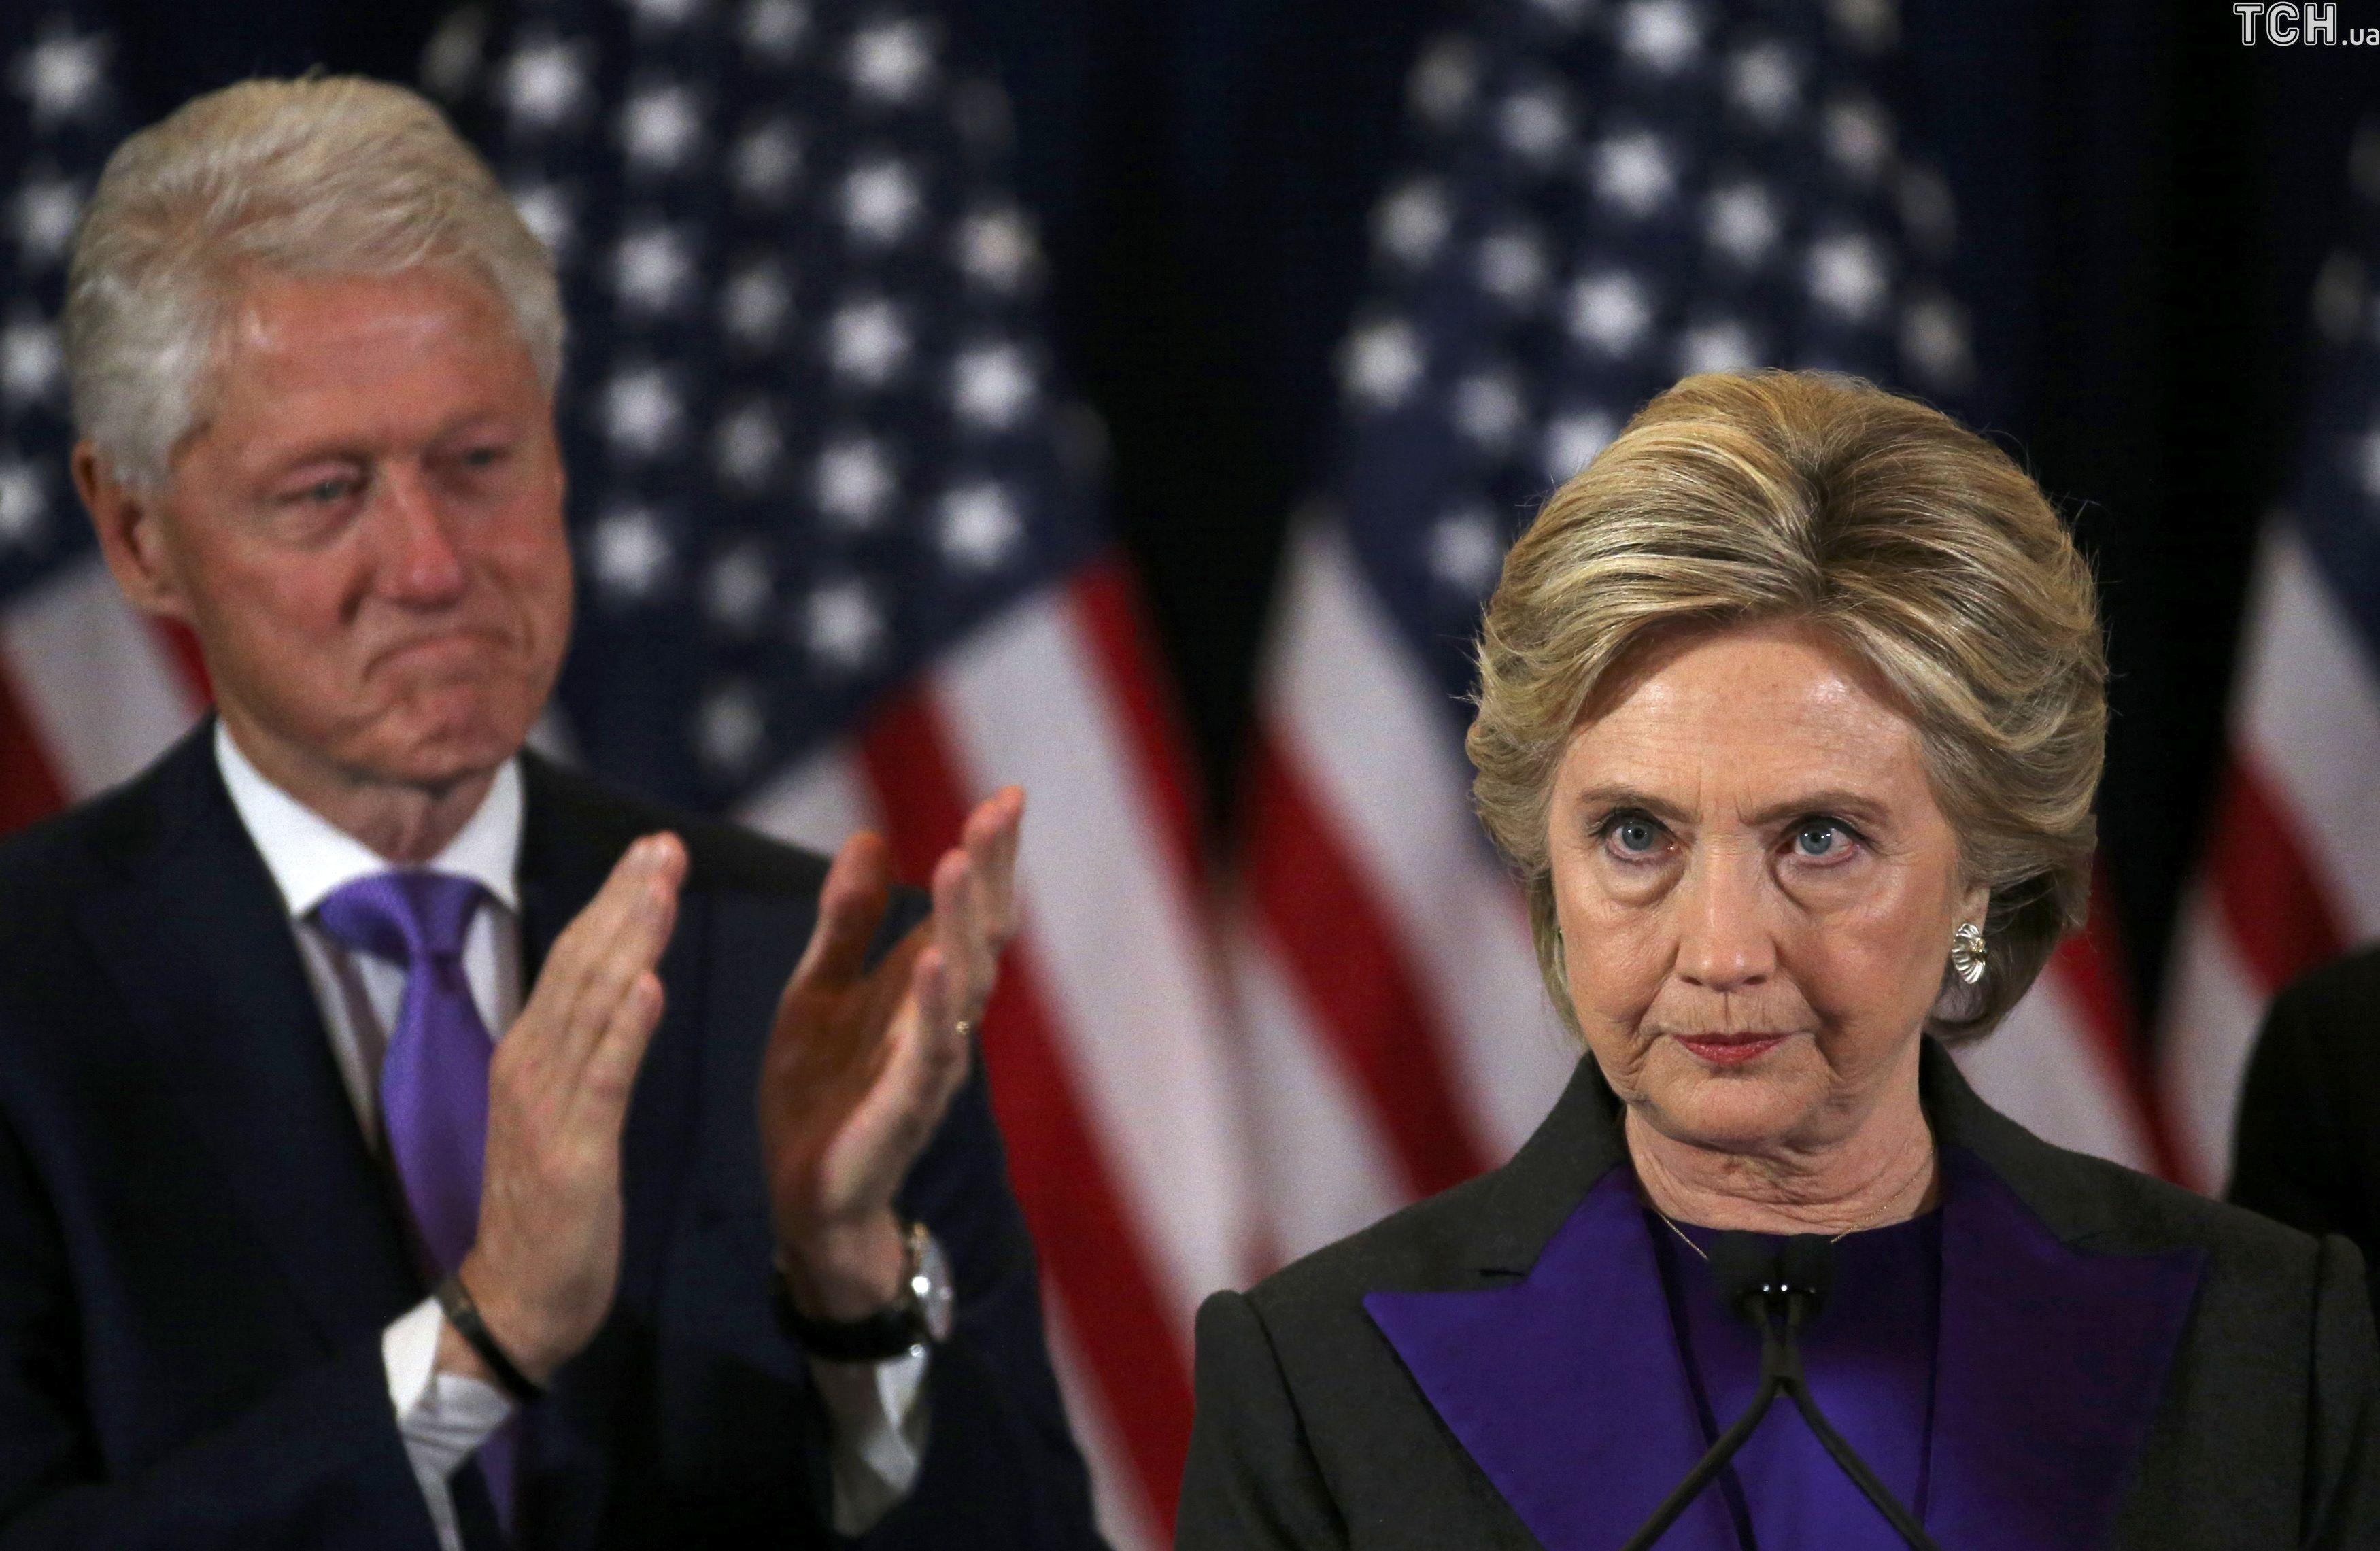 Гілларі Клінтон, промова після виборів_11